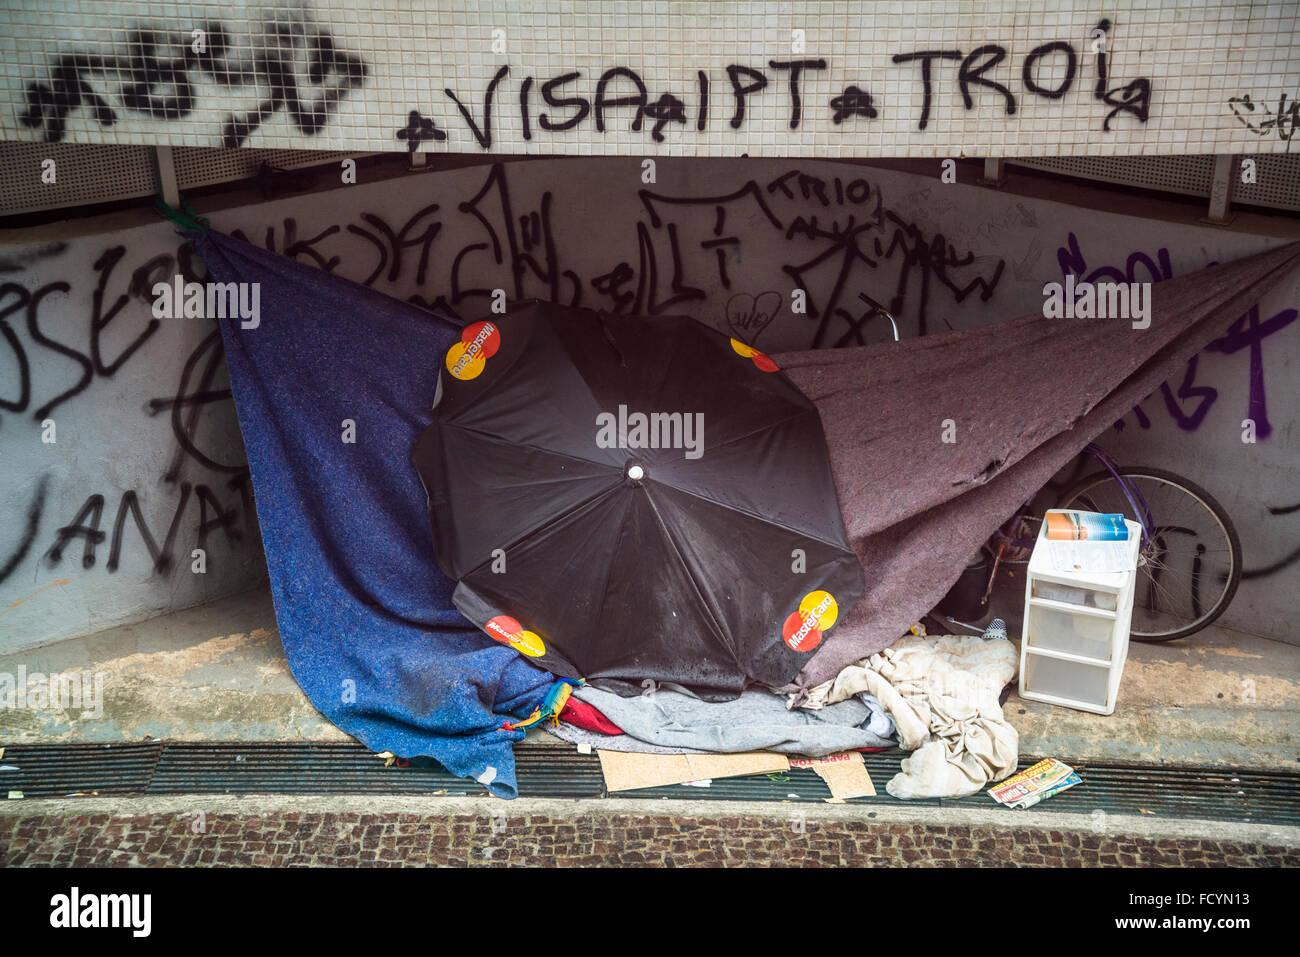 Homelessness, Praça da Liberdade, Freedom Square, Belo Horizonte, Minas Gerais, Brazil - Stock Image